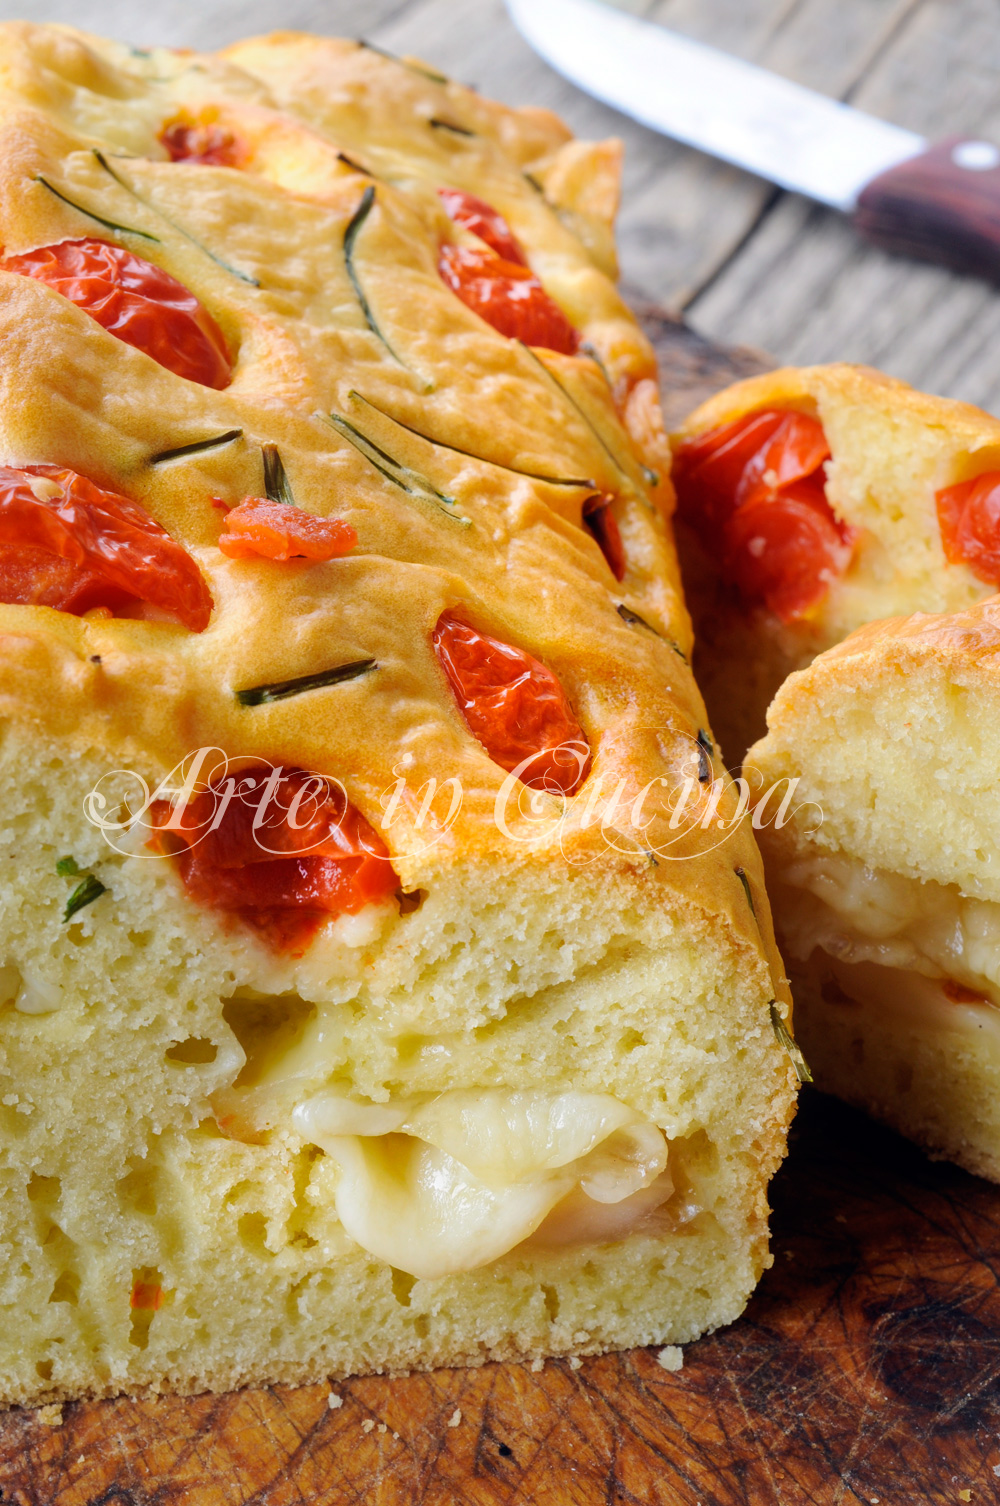 Plumcake al formaggio e pomodorini ricetta veloce vickyart arte in cucina